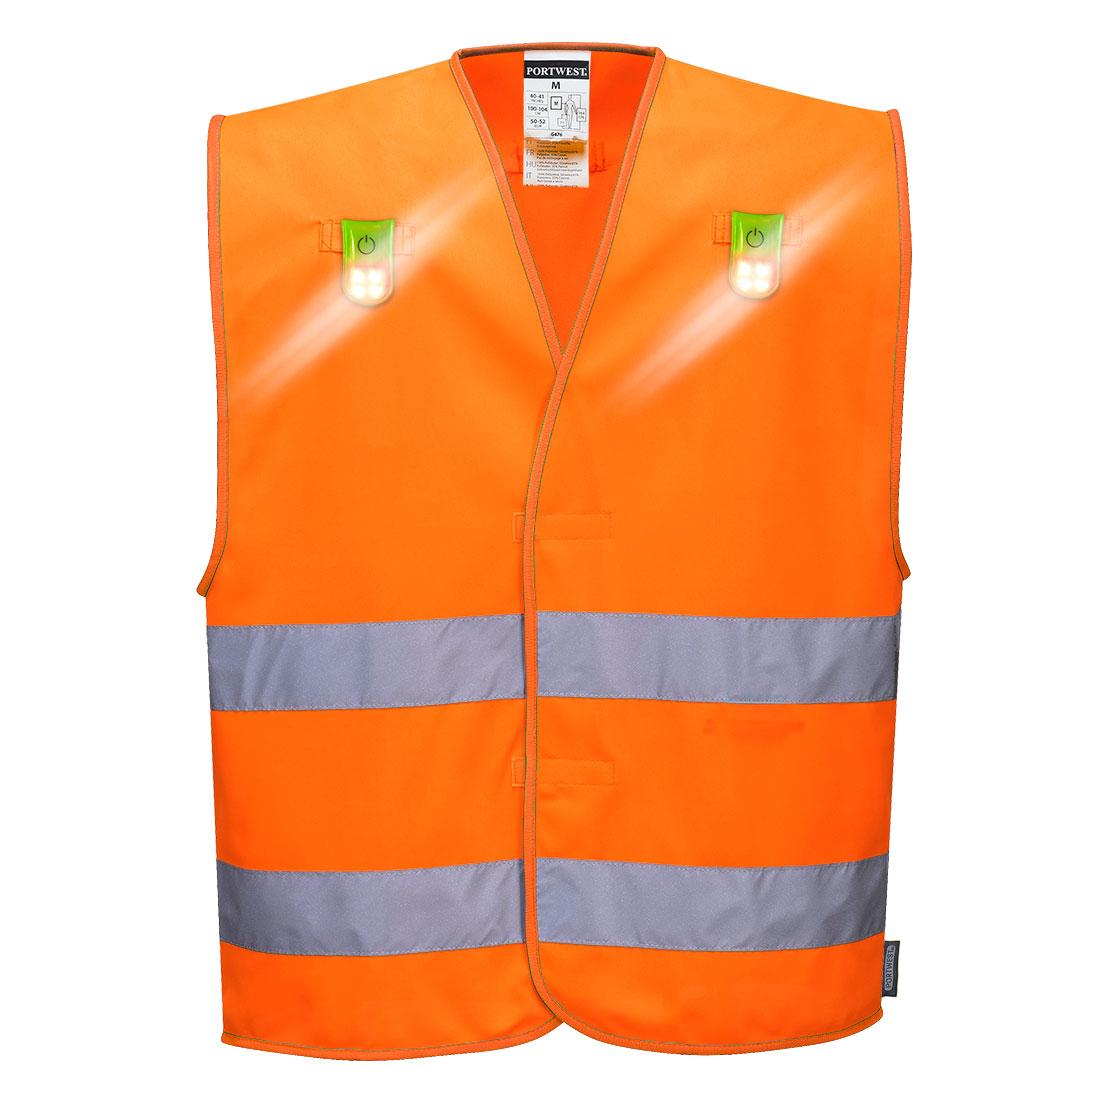 Portwest Hi-Vis Versatile Vest